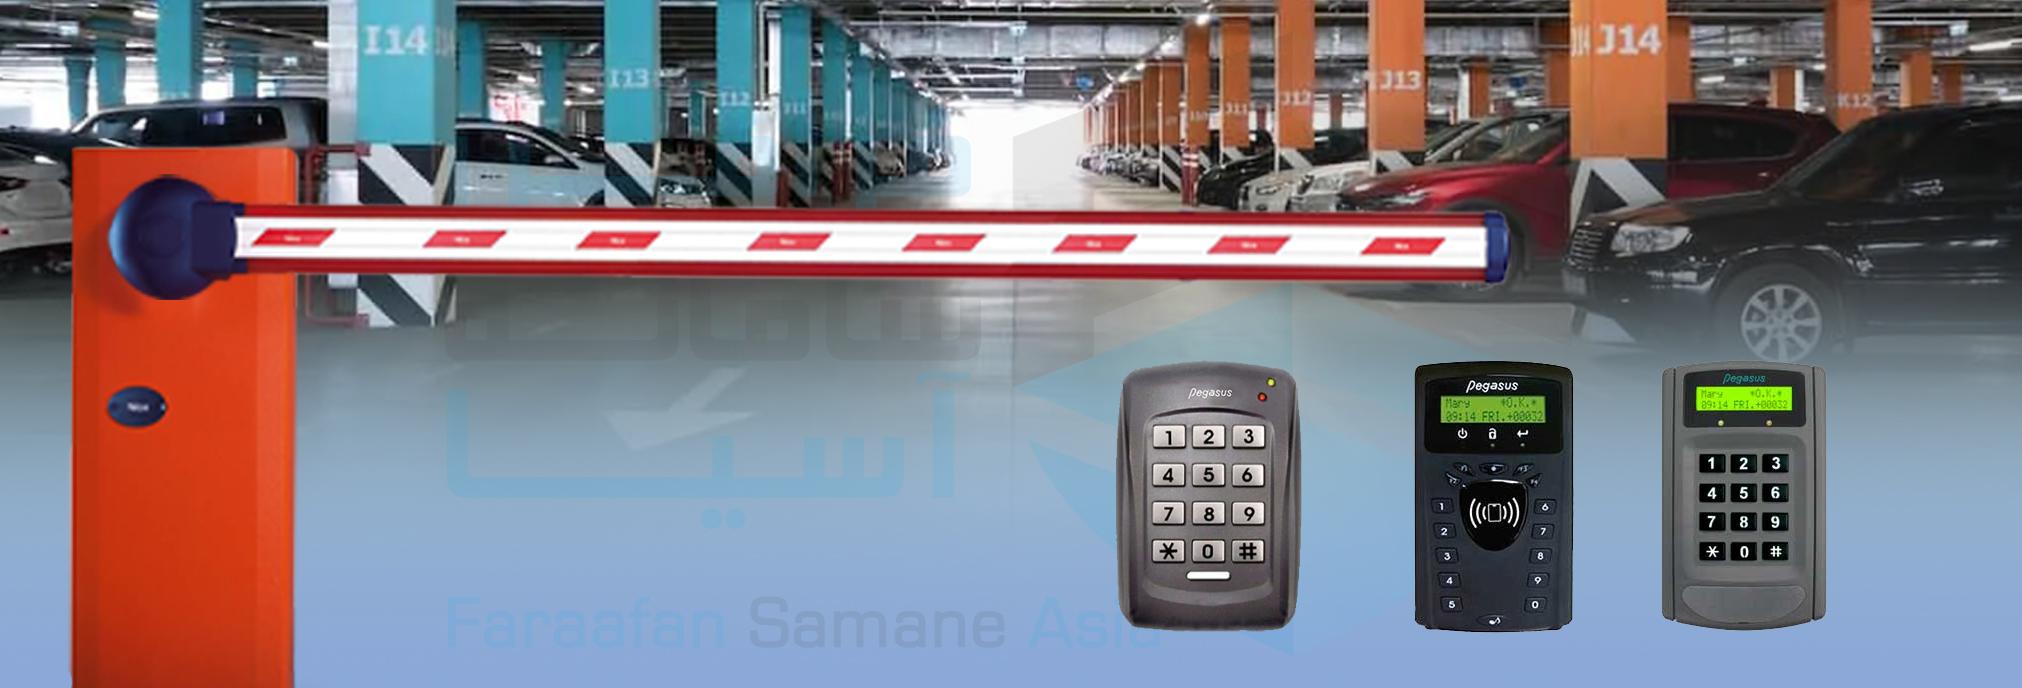 کنترل تردد پارکینگ اختصاصی ، کنترلرهای کنترل تردد ( اکسس کنترل )